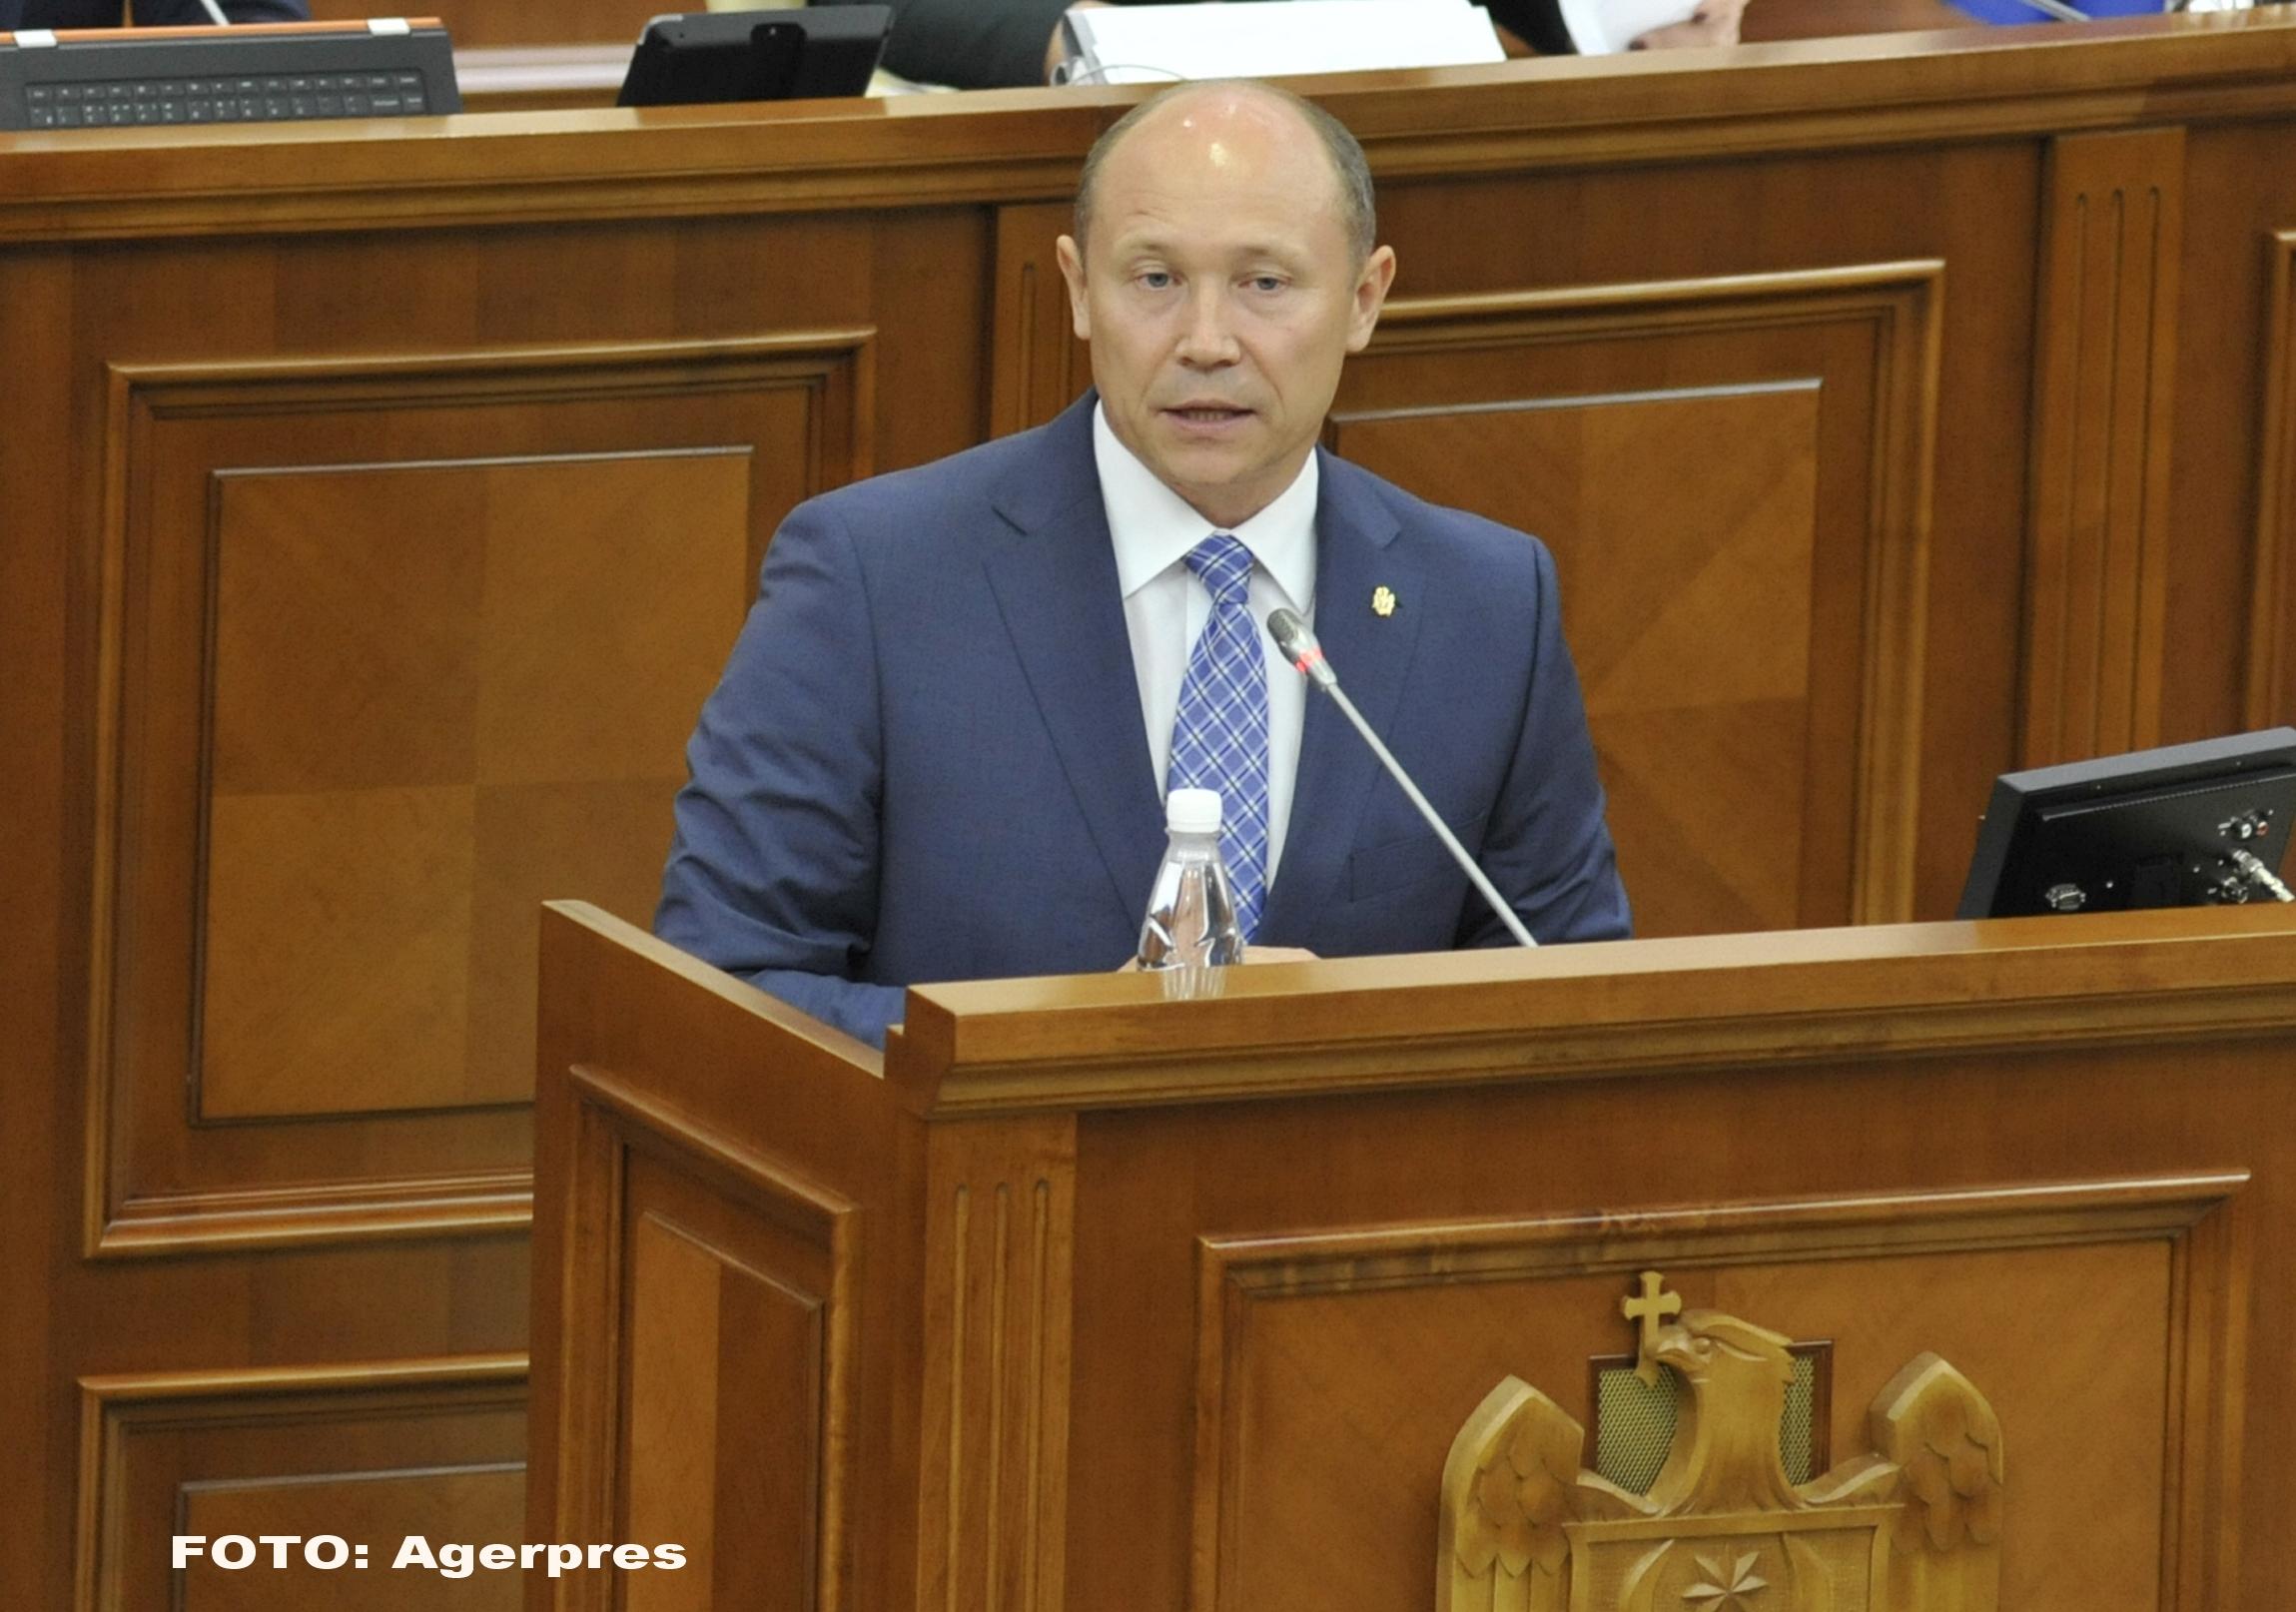 Guvernul de la Chisinau a fost demis prin motiune de cenzura. Pe cine da vina fostul premier Valeriu Strelet